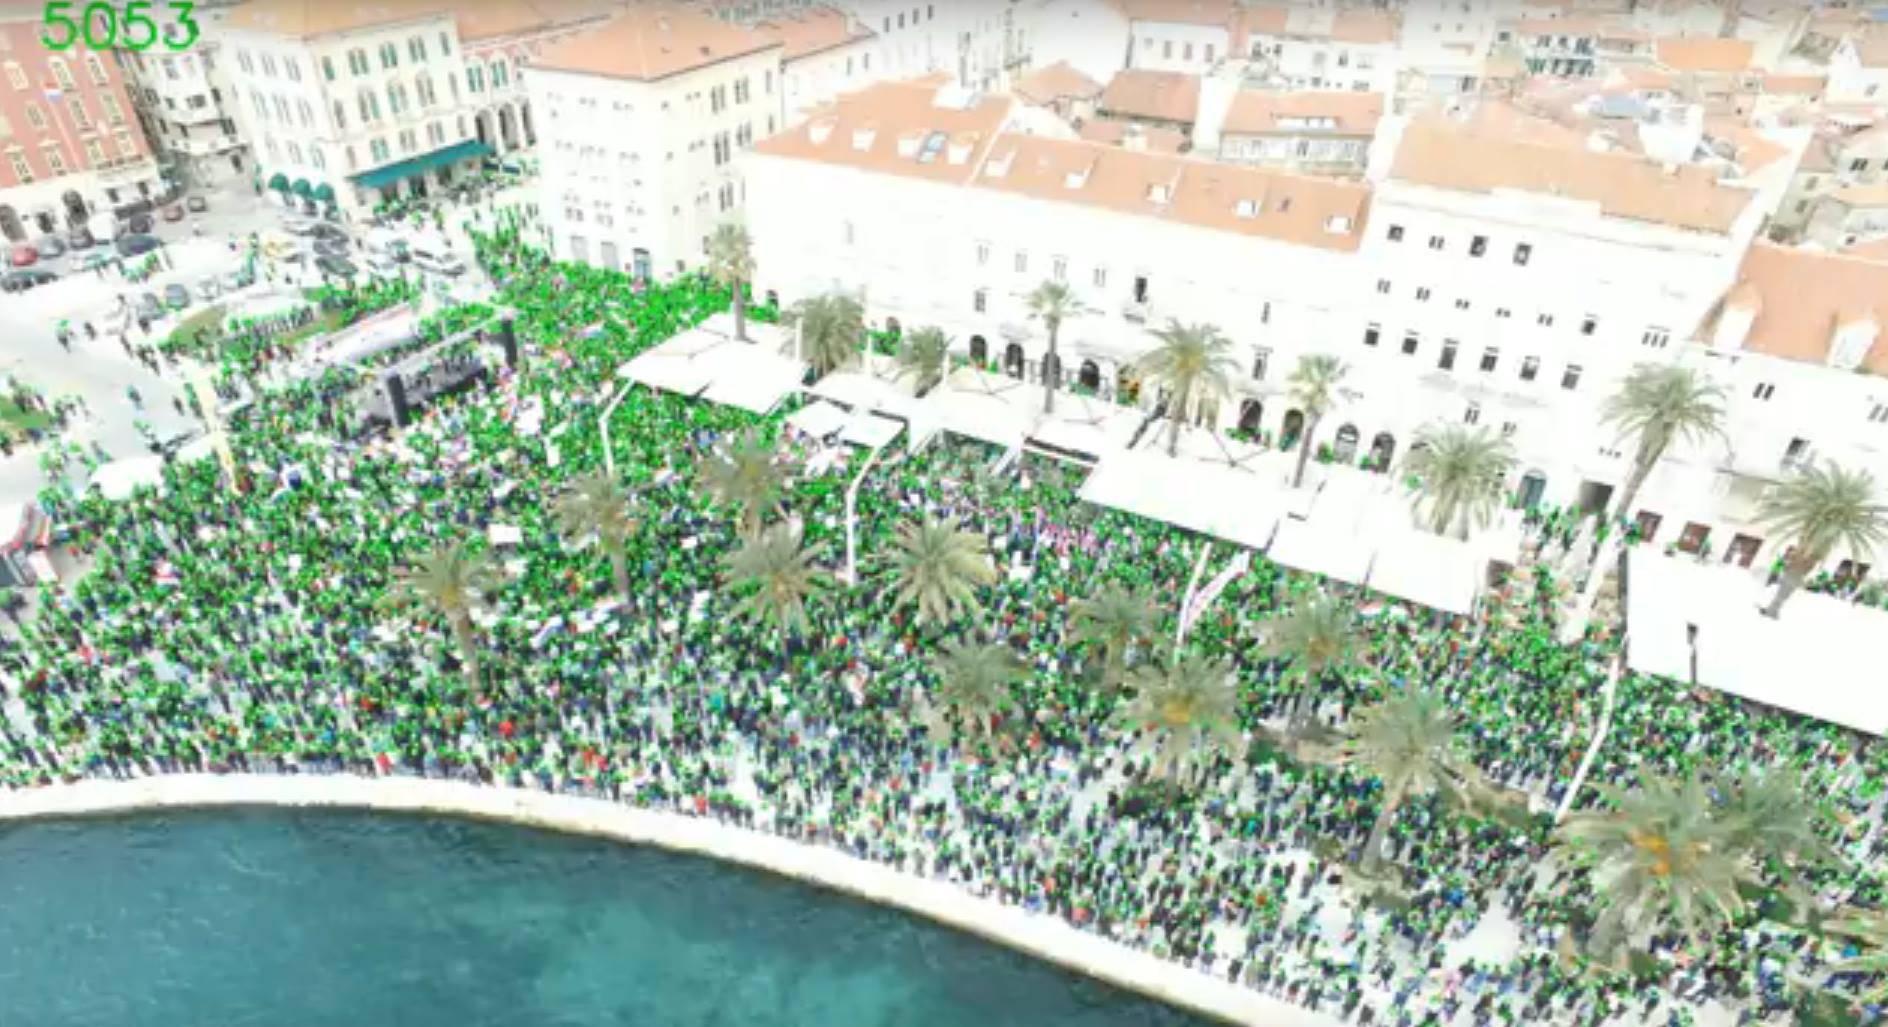 Na splitskoj Rivi prosvjedovalo je malo više od 5000 građana